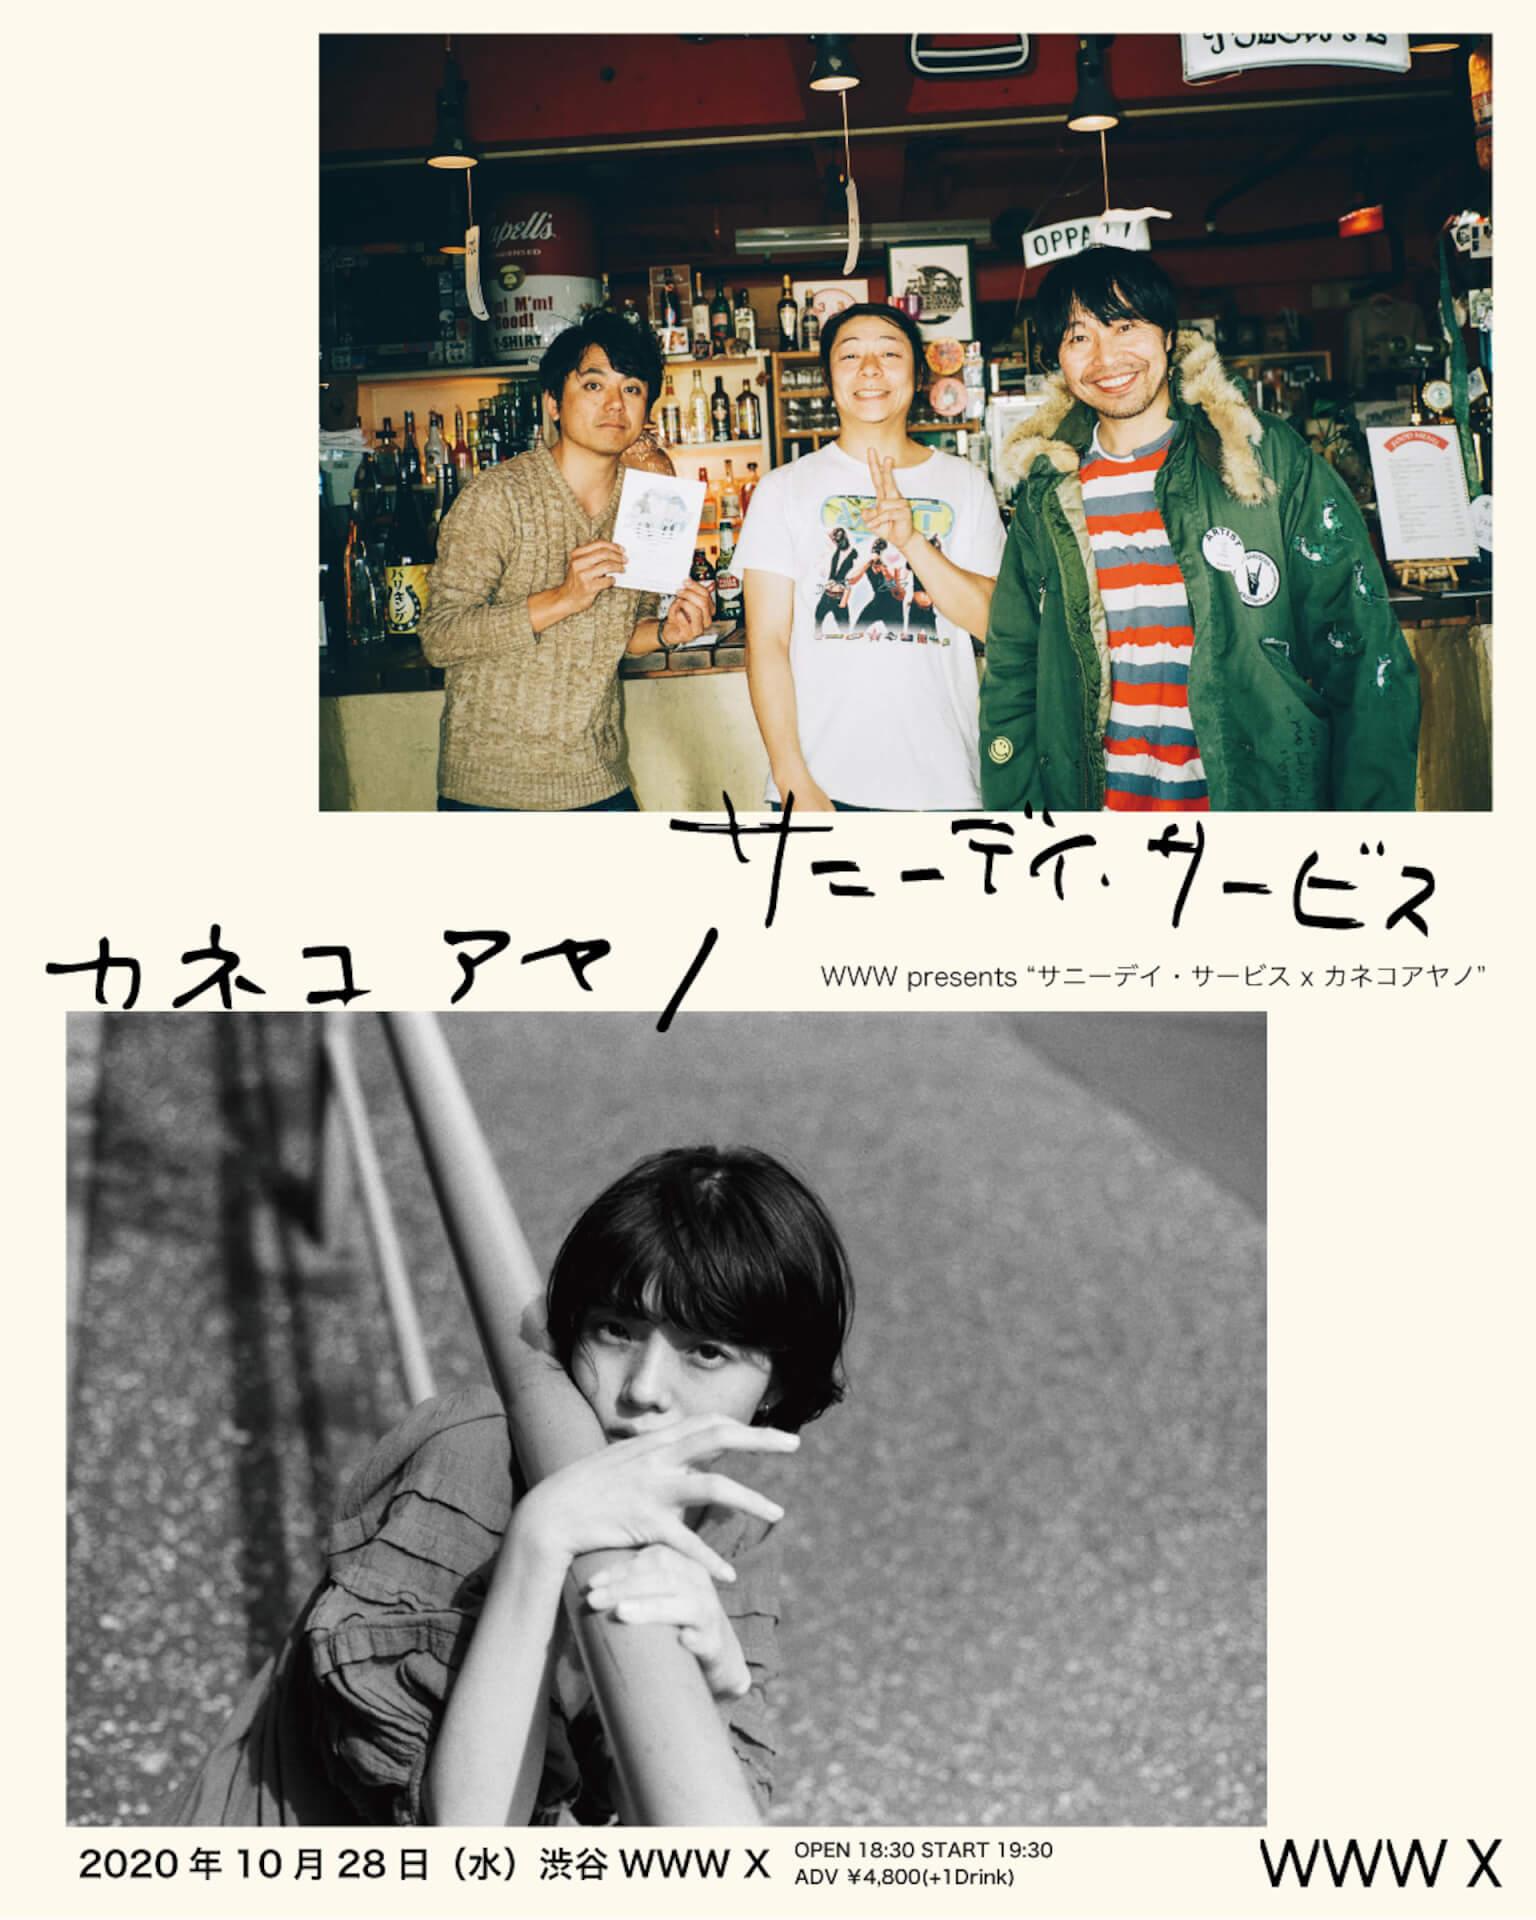 渋谷WWW Xにてサニーデイ・サービスとカネコアヤノのツーマンライブが開催決定!チケットの先行受付が開始 music201008_kanekoayano_sunnydayservice_2